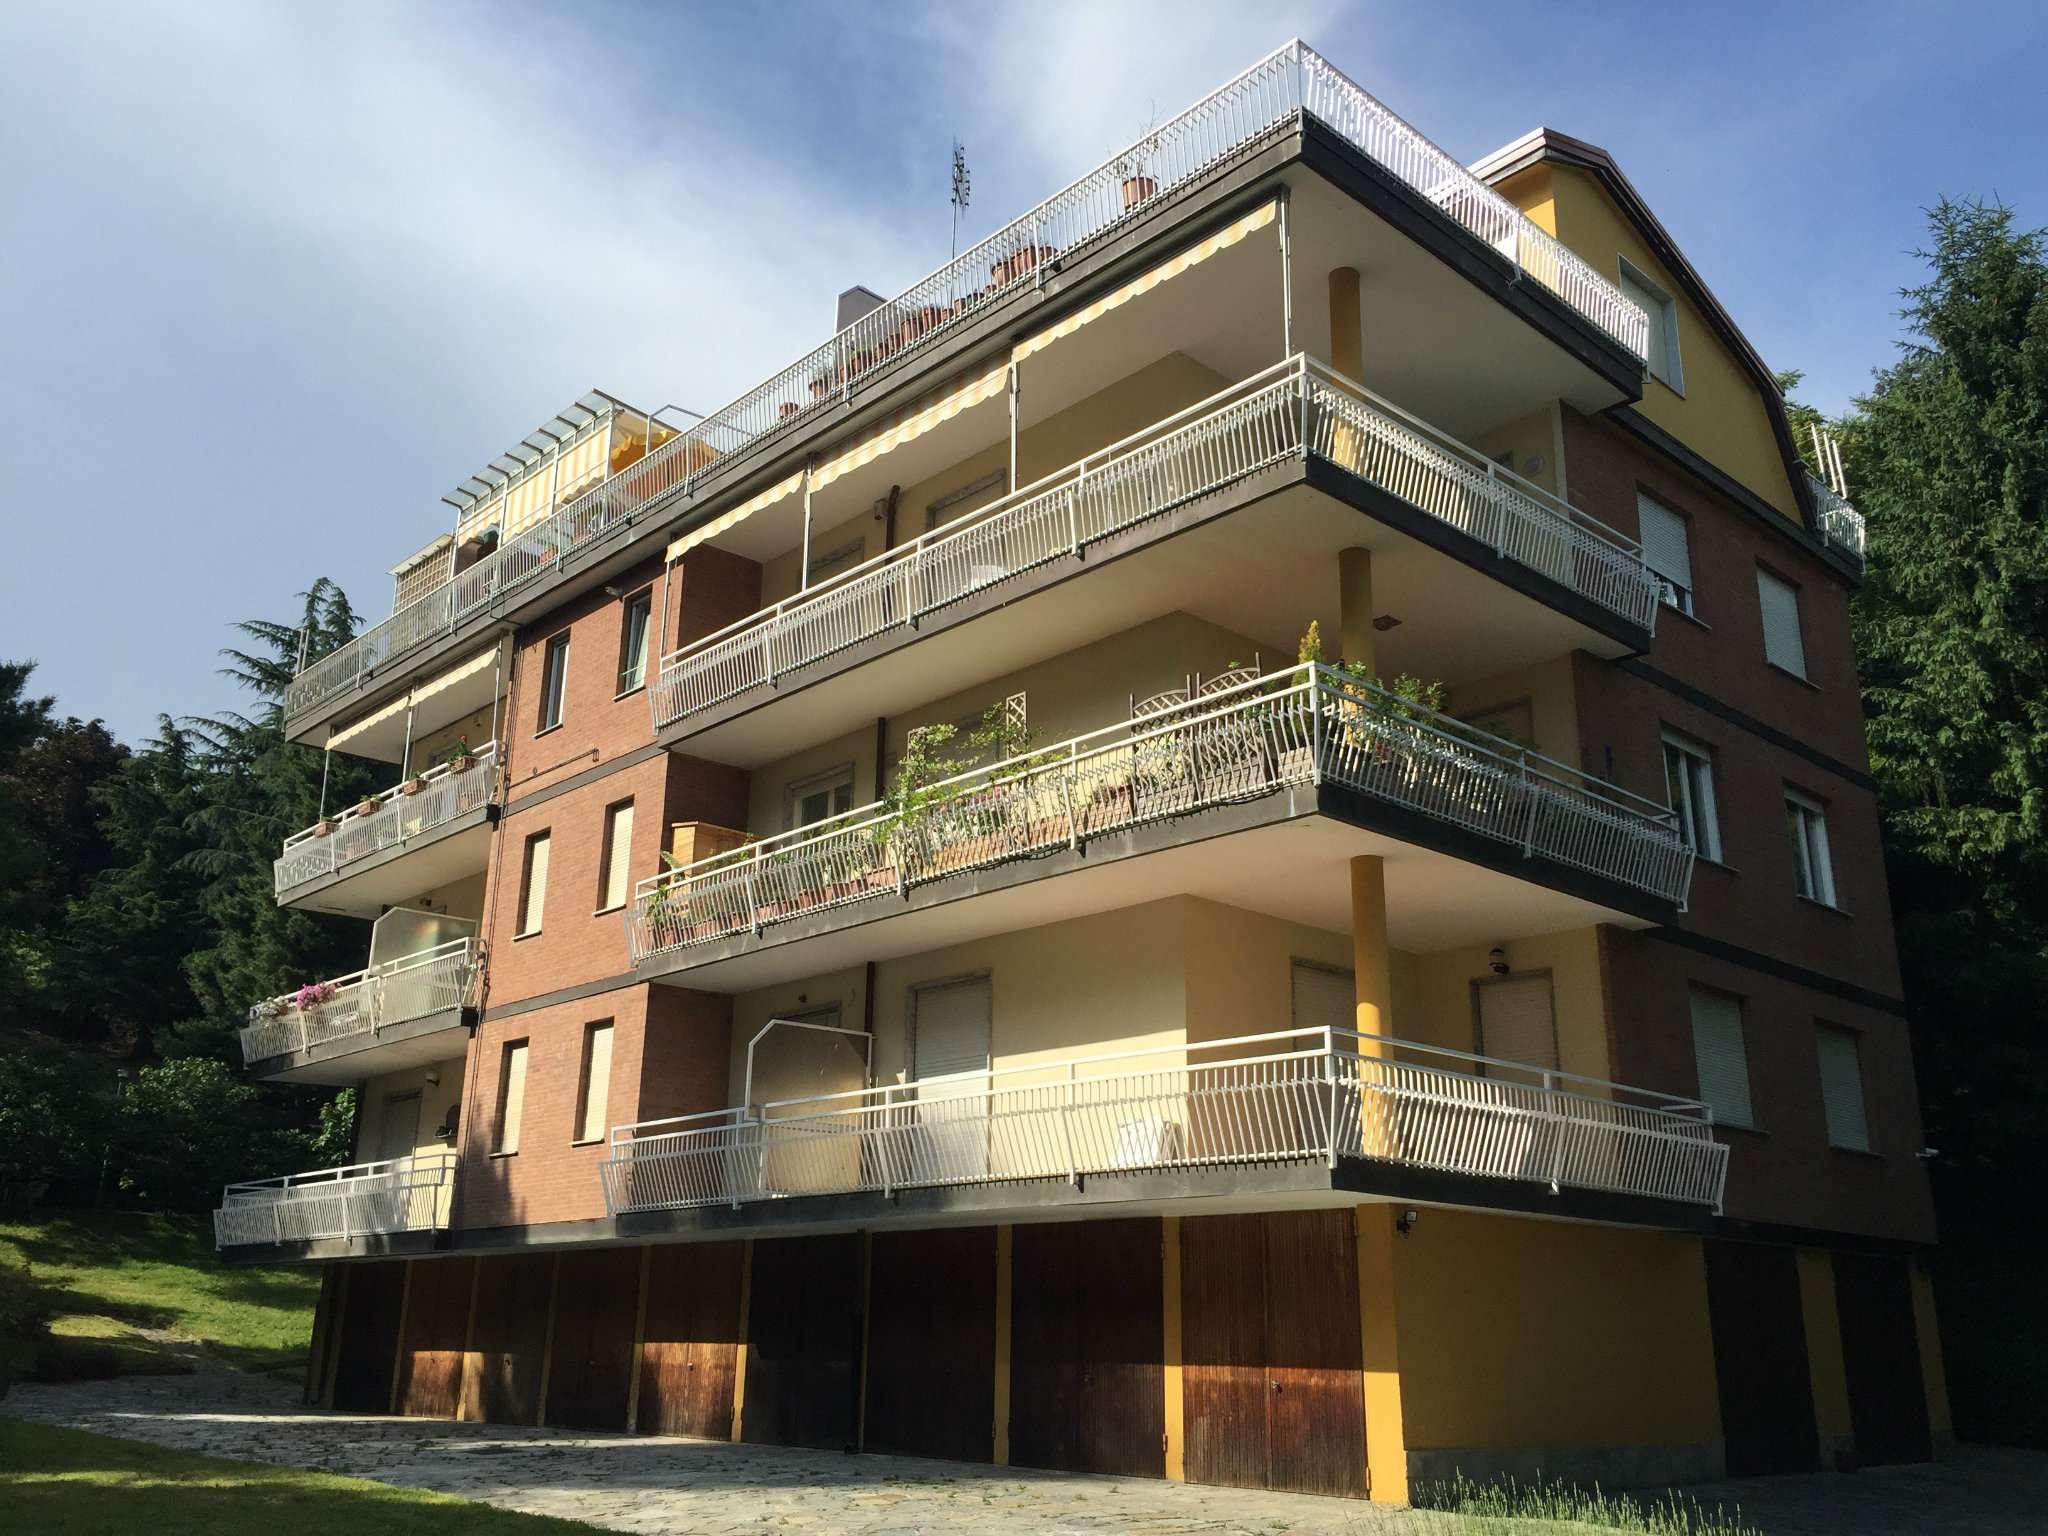 Casa moncalieri appartamenti e case in affitto for Appartamenti arredati in affitto torino